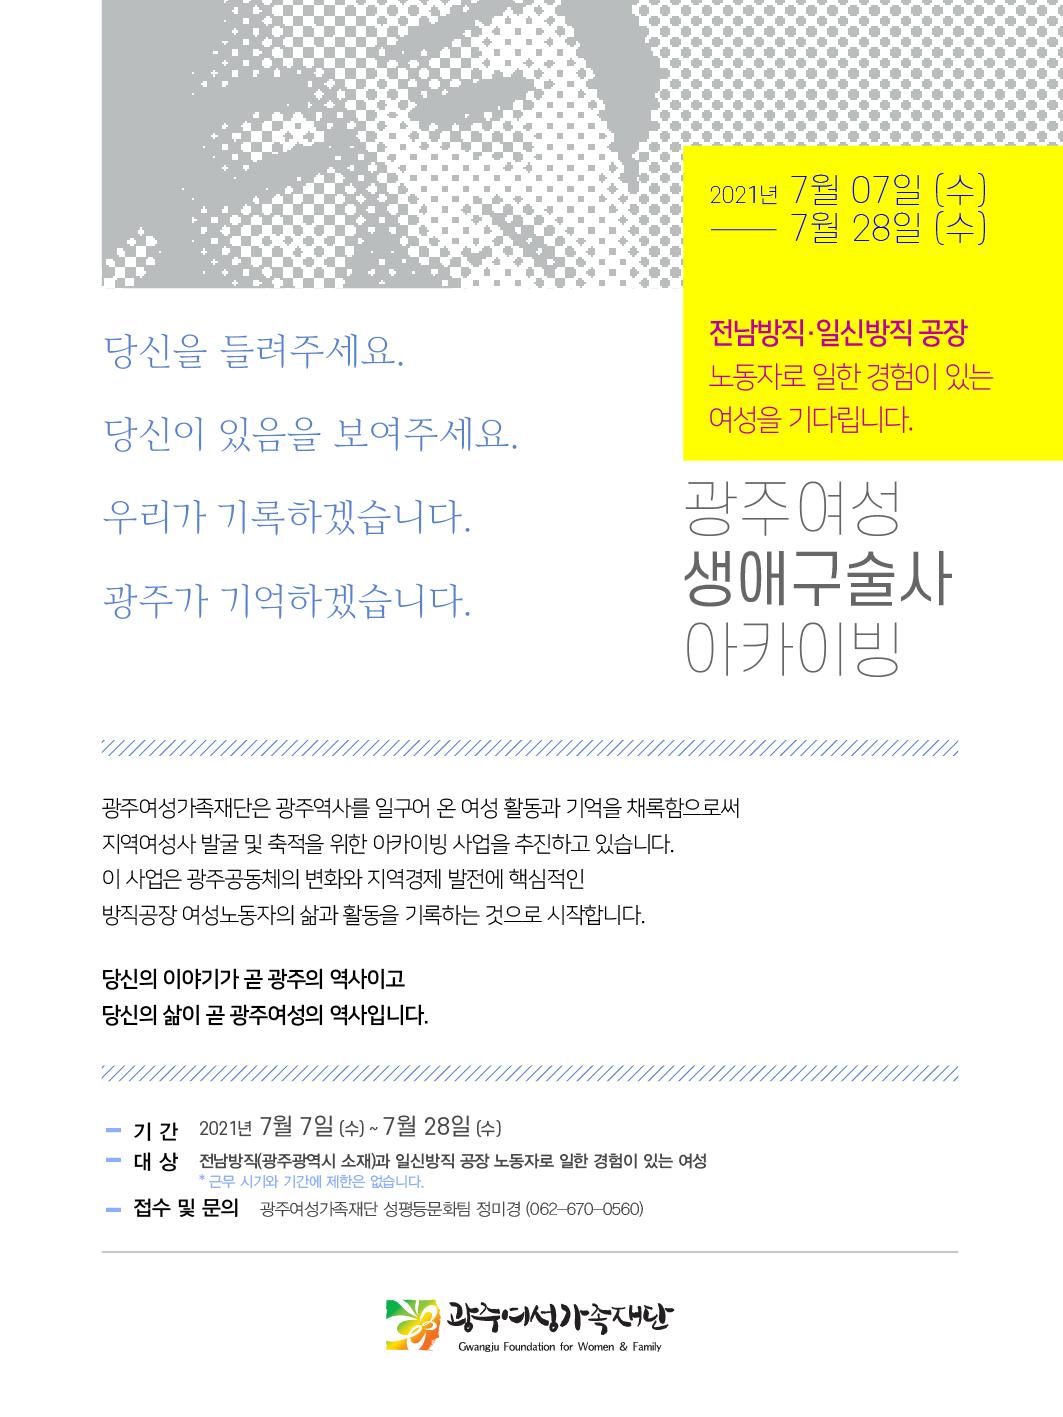 방직공장 여성구술자 모집 포스터.jpg